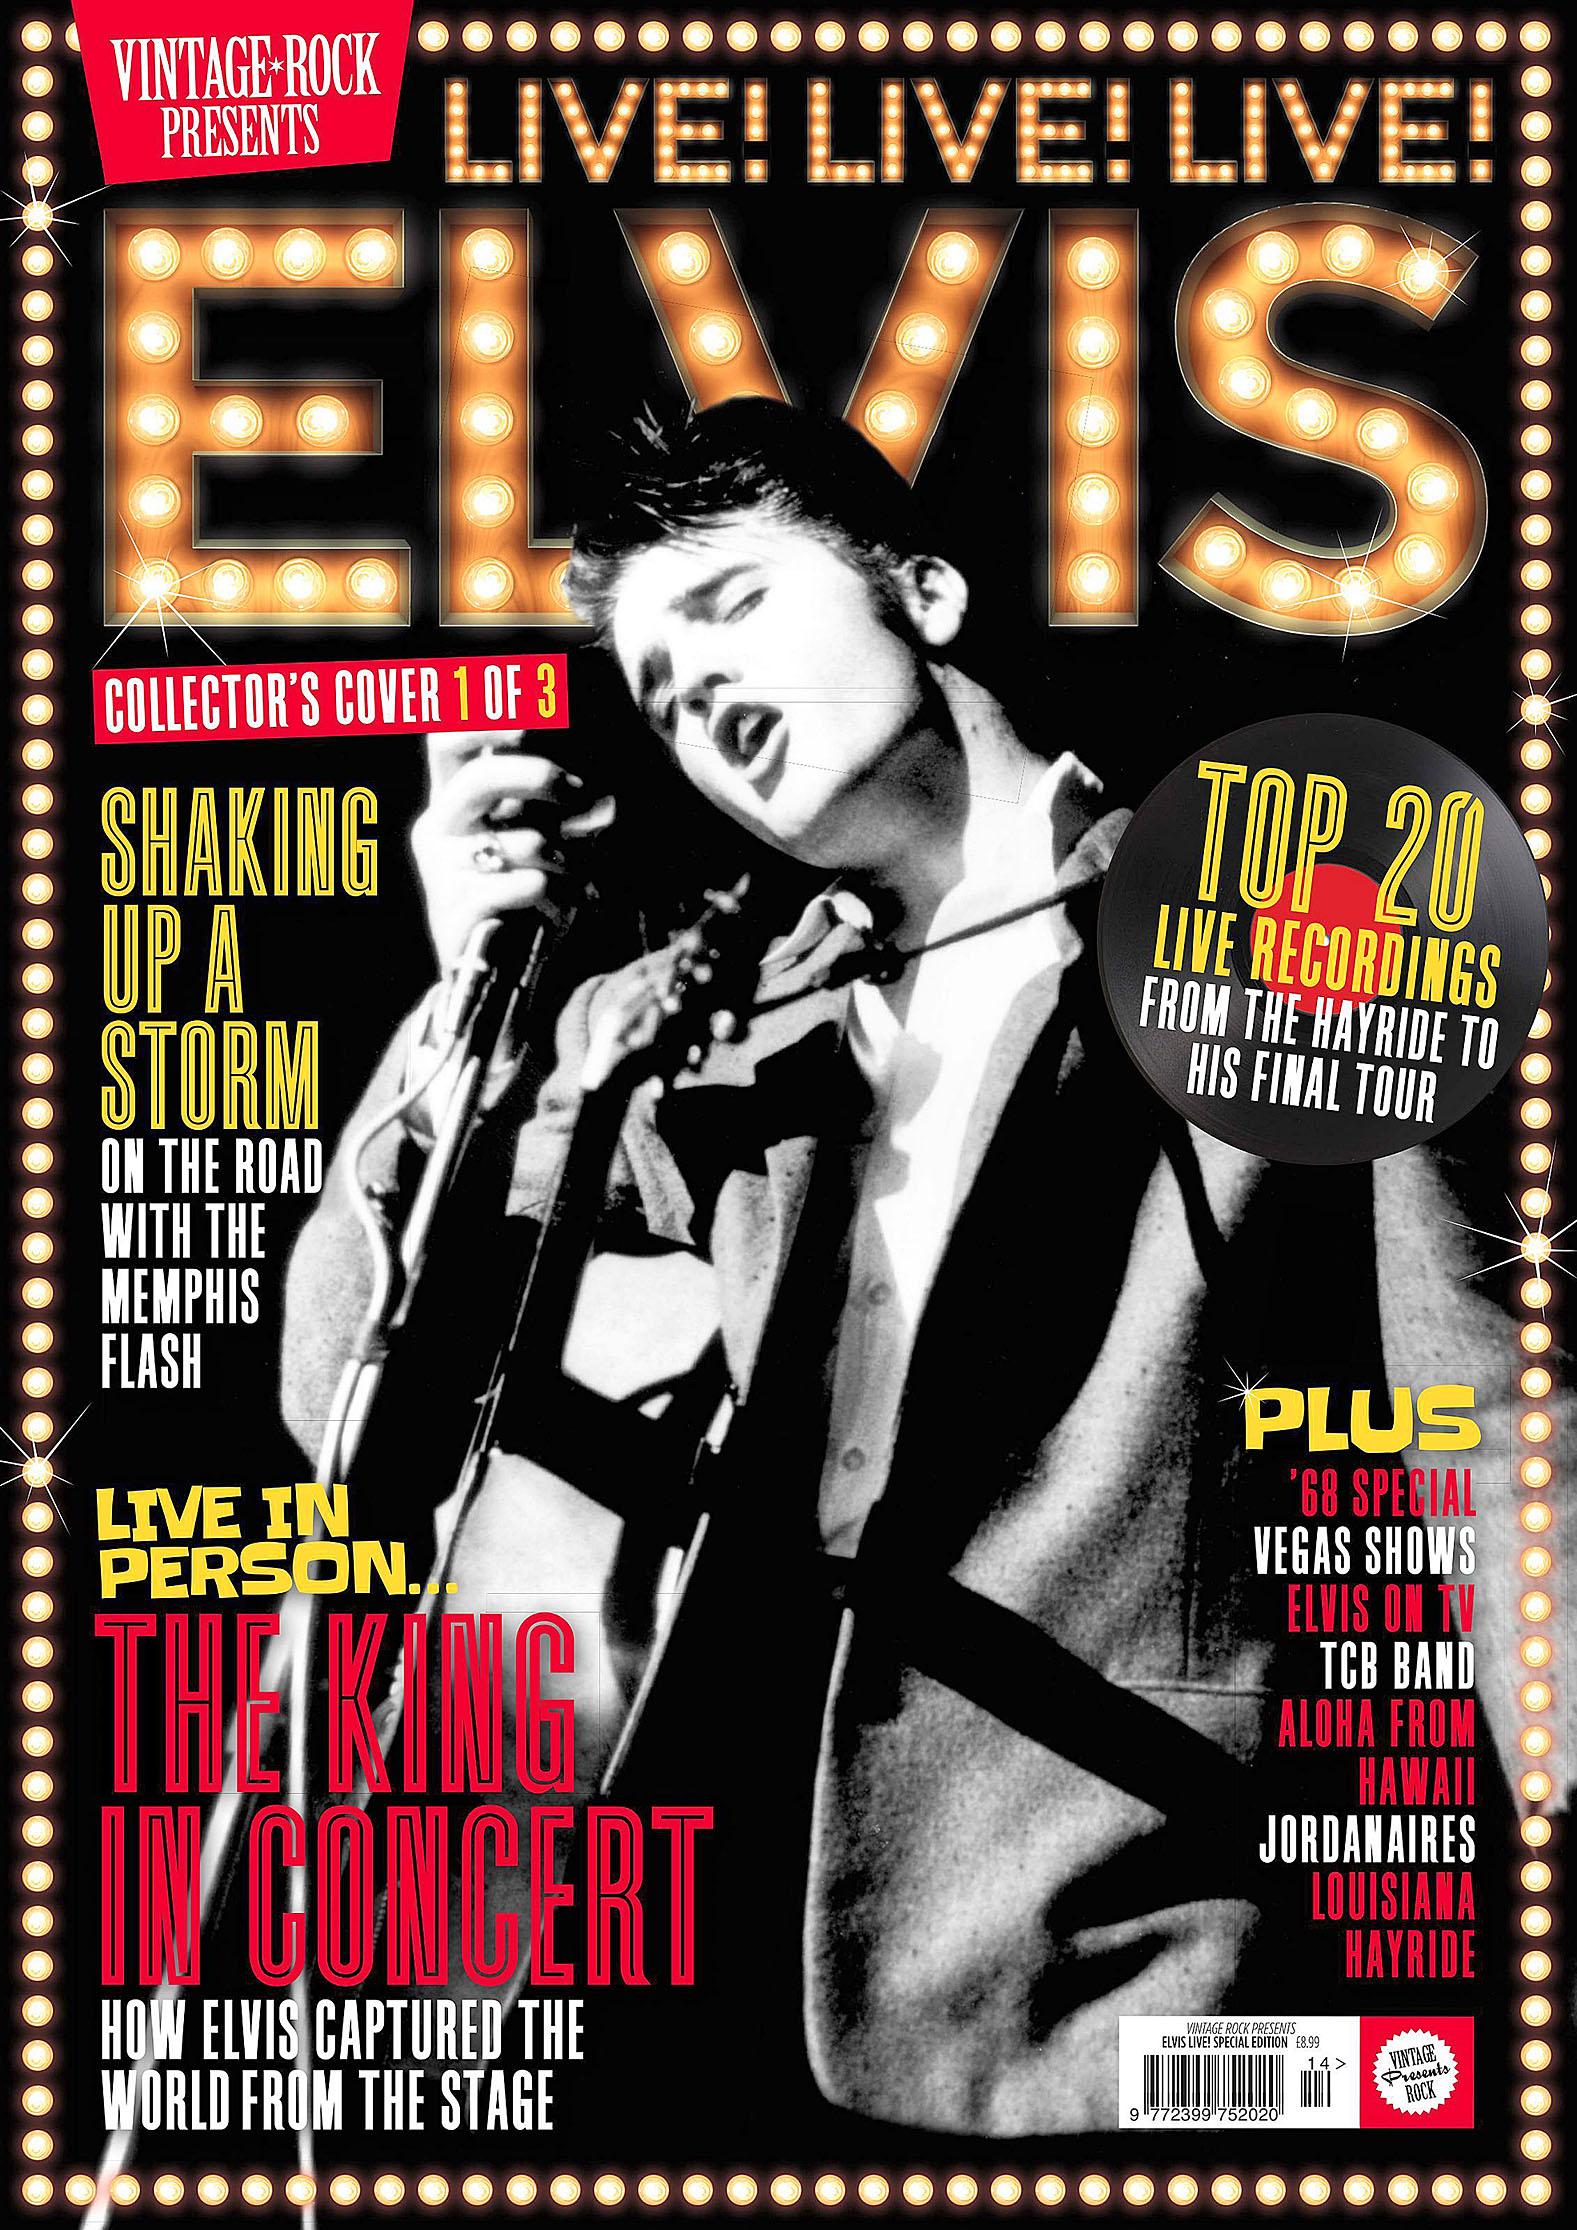 Vintage Rock Sp 2019 Elvis.jpg